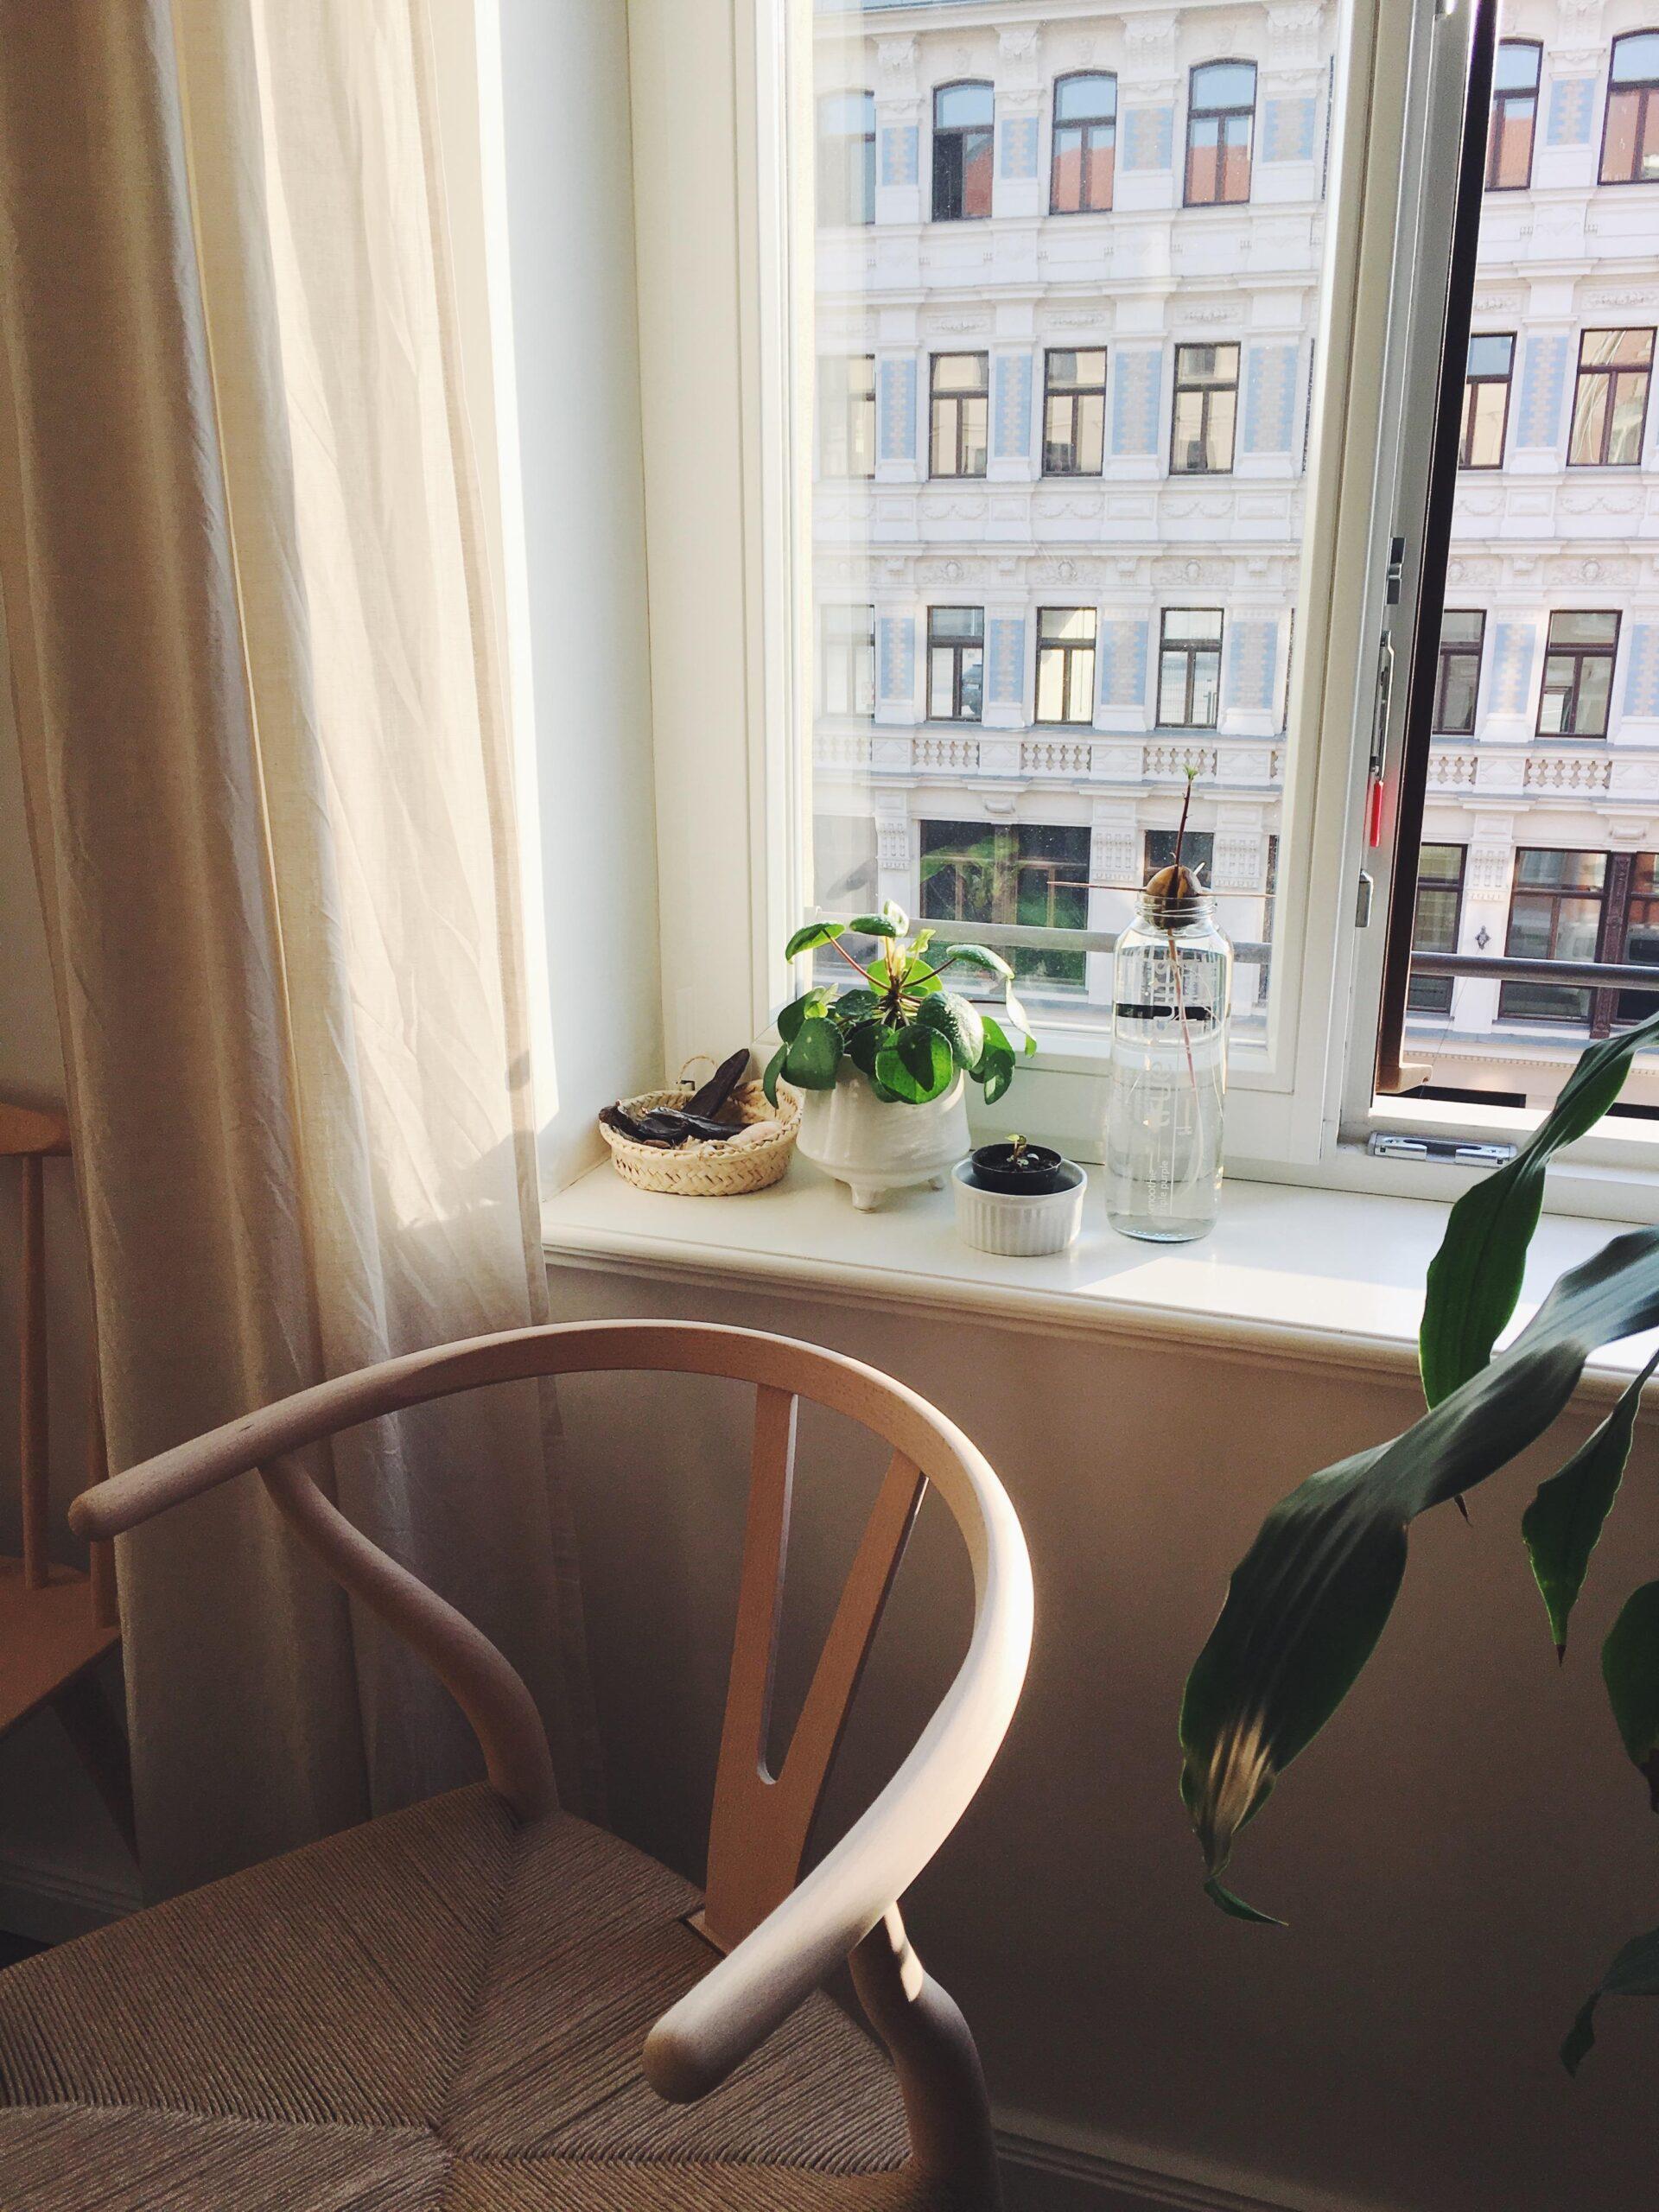 Full Size of Fensterdekoration Küche Fensterdeko Ideen So Wirds Heimelig Deckenlampe Massivholzküche Kräutergarten Schwingtür Grillplatte Günstig Mit Elektrogeräten Wohnzimmer Fensterdekoration Küche